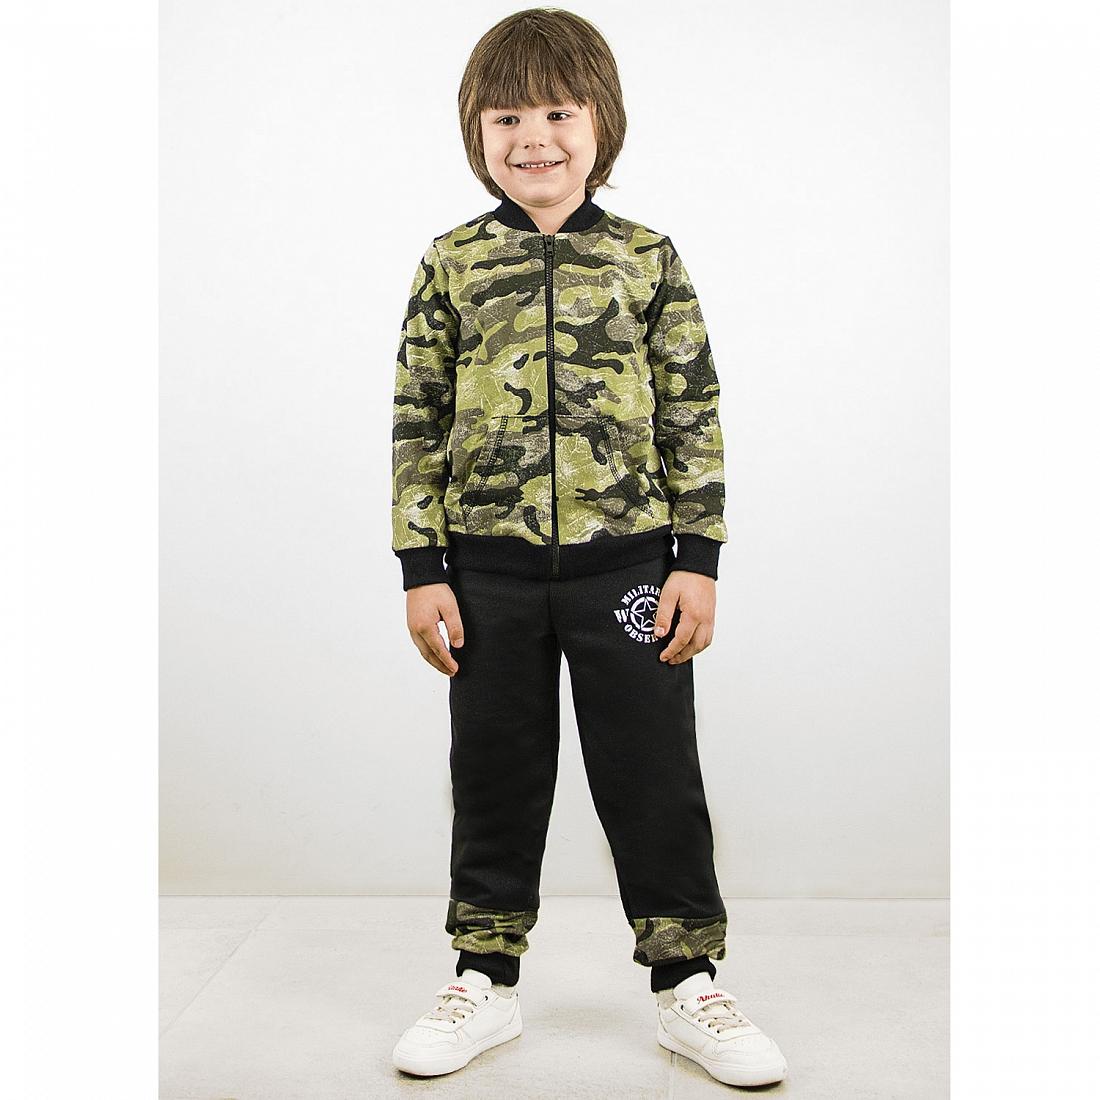 Спортивный костюм для мальчиков Юлла 920/990фд ап цв. зеленый  р.140